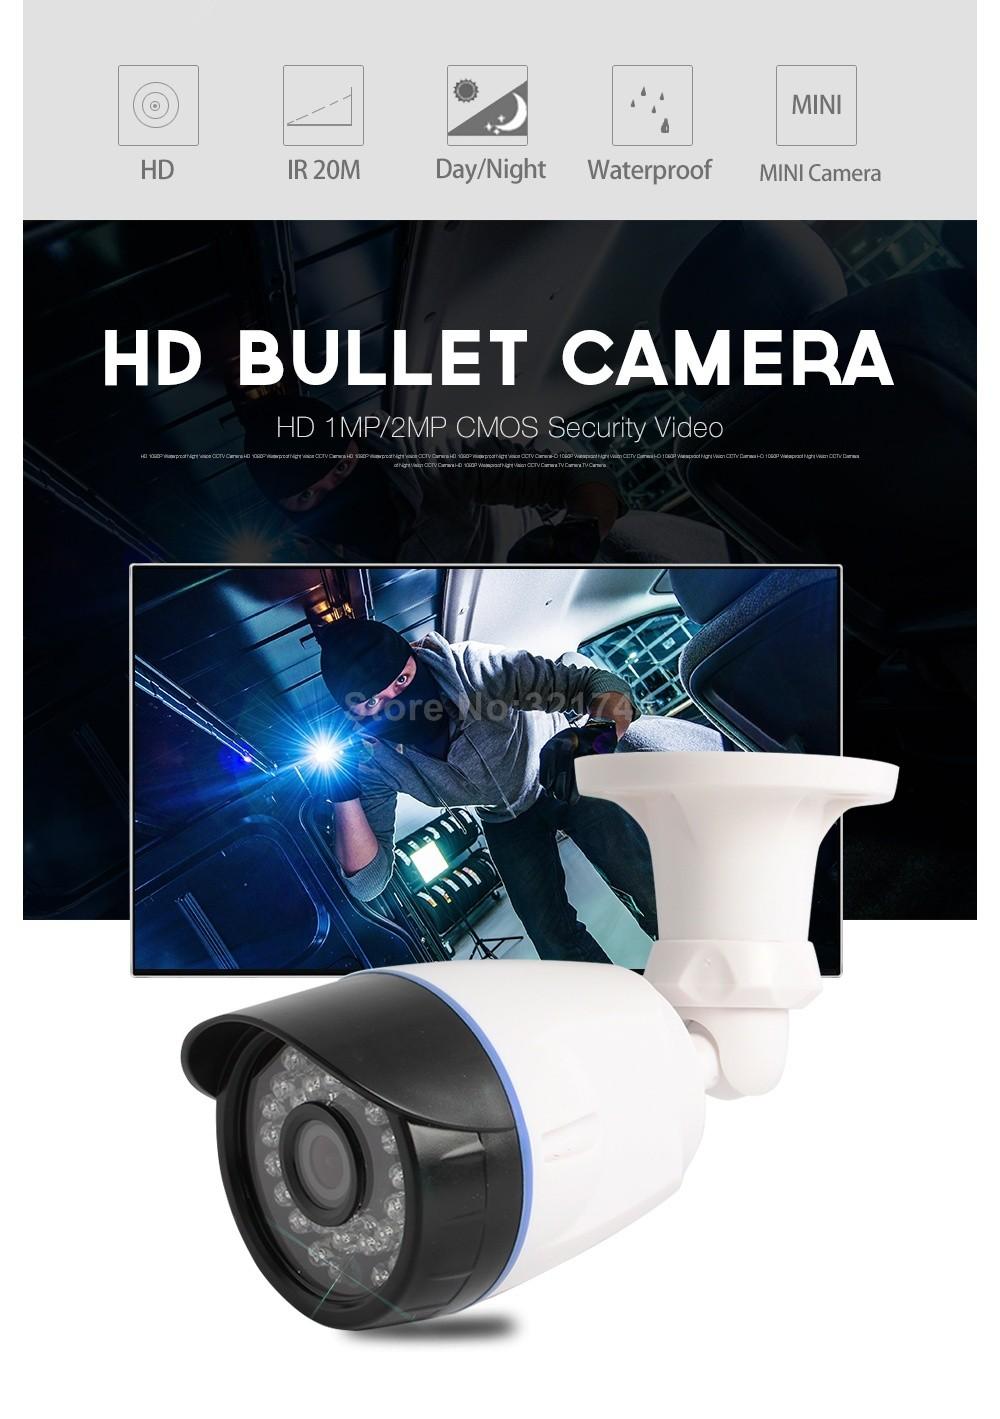 02 Bullet Camera